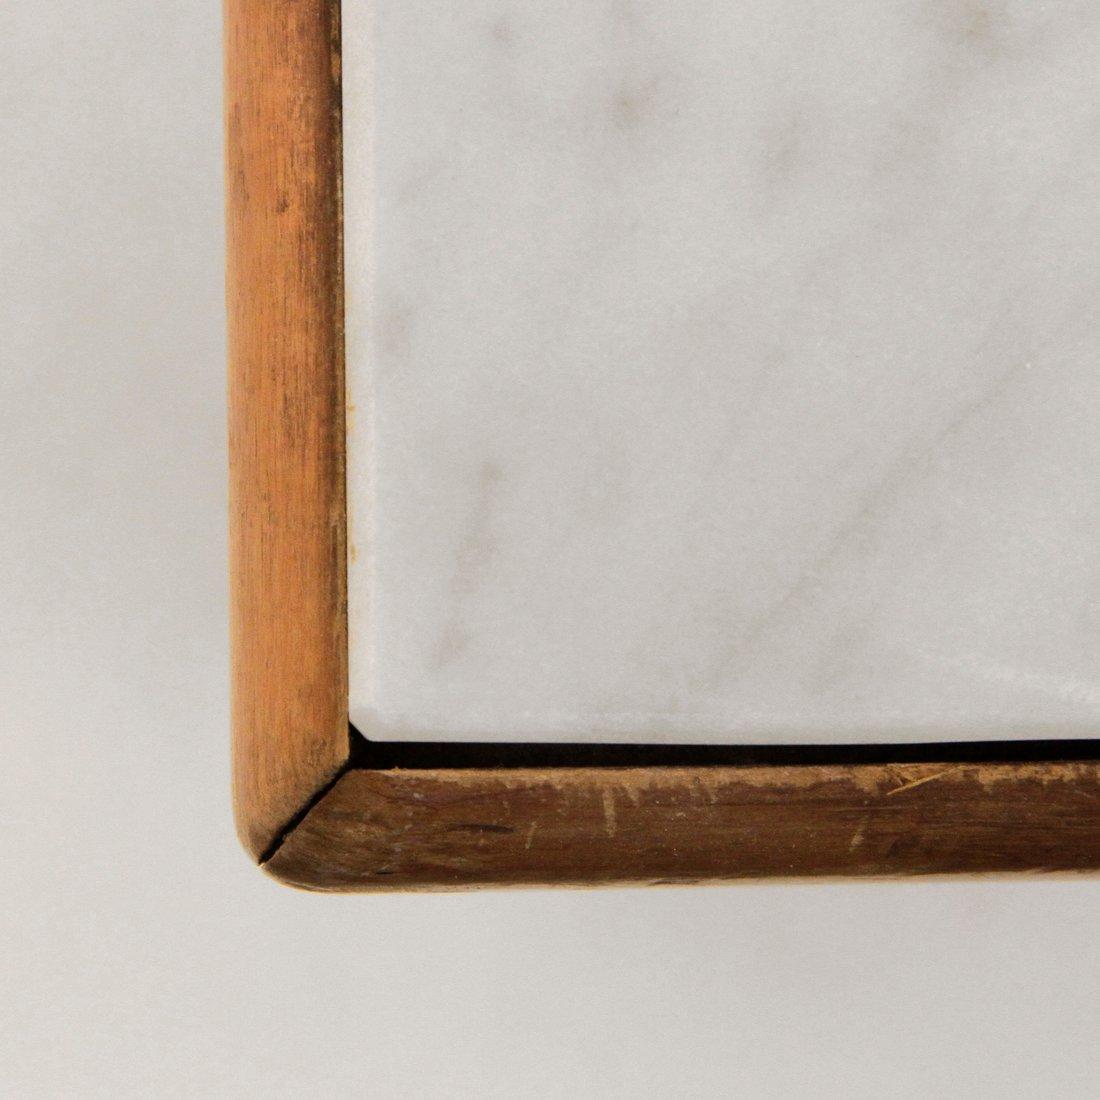 table basse mid century avec plateau en marbre italie 1960s en vente sur pamono. Black Bedroom Furniture Sets. Home Design Ideas